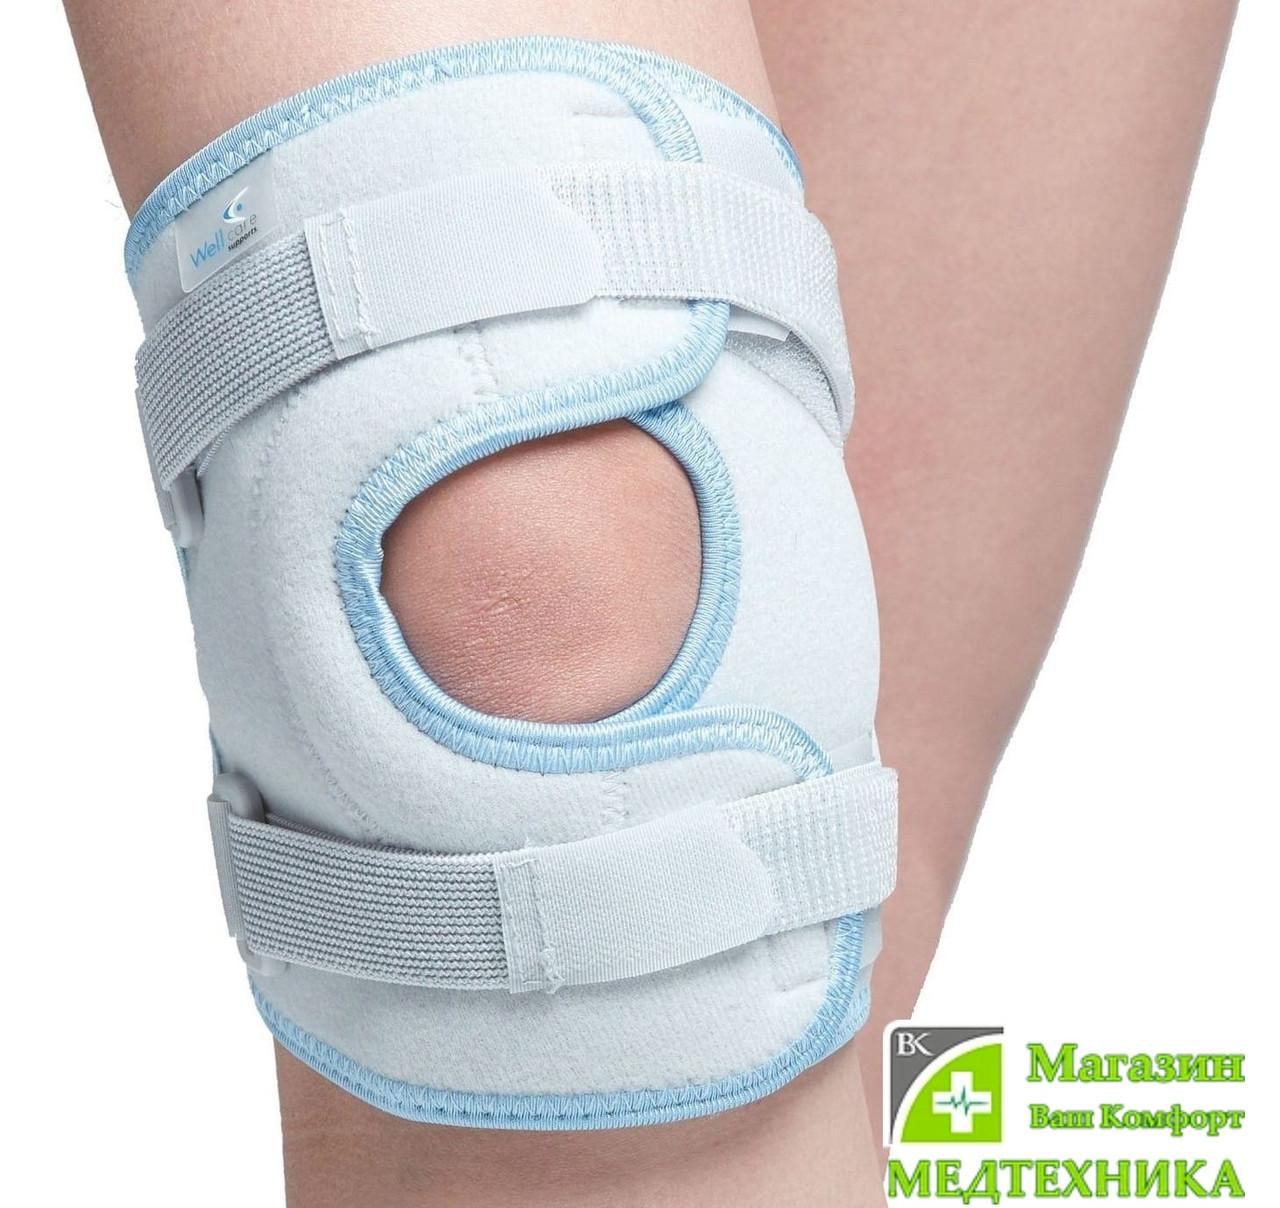 Бандаж на коленный сустав WellCare (ВеллКеа) модель 52034 разъемный